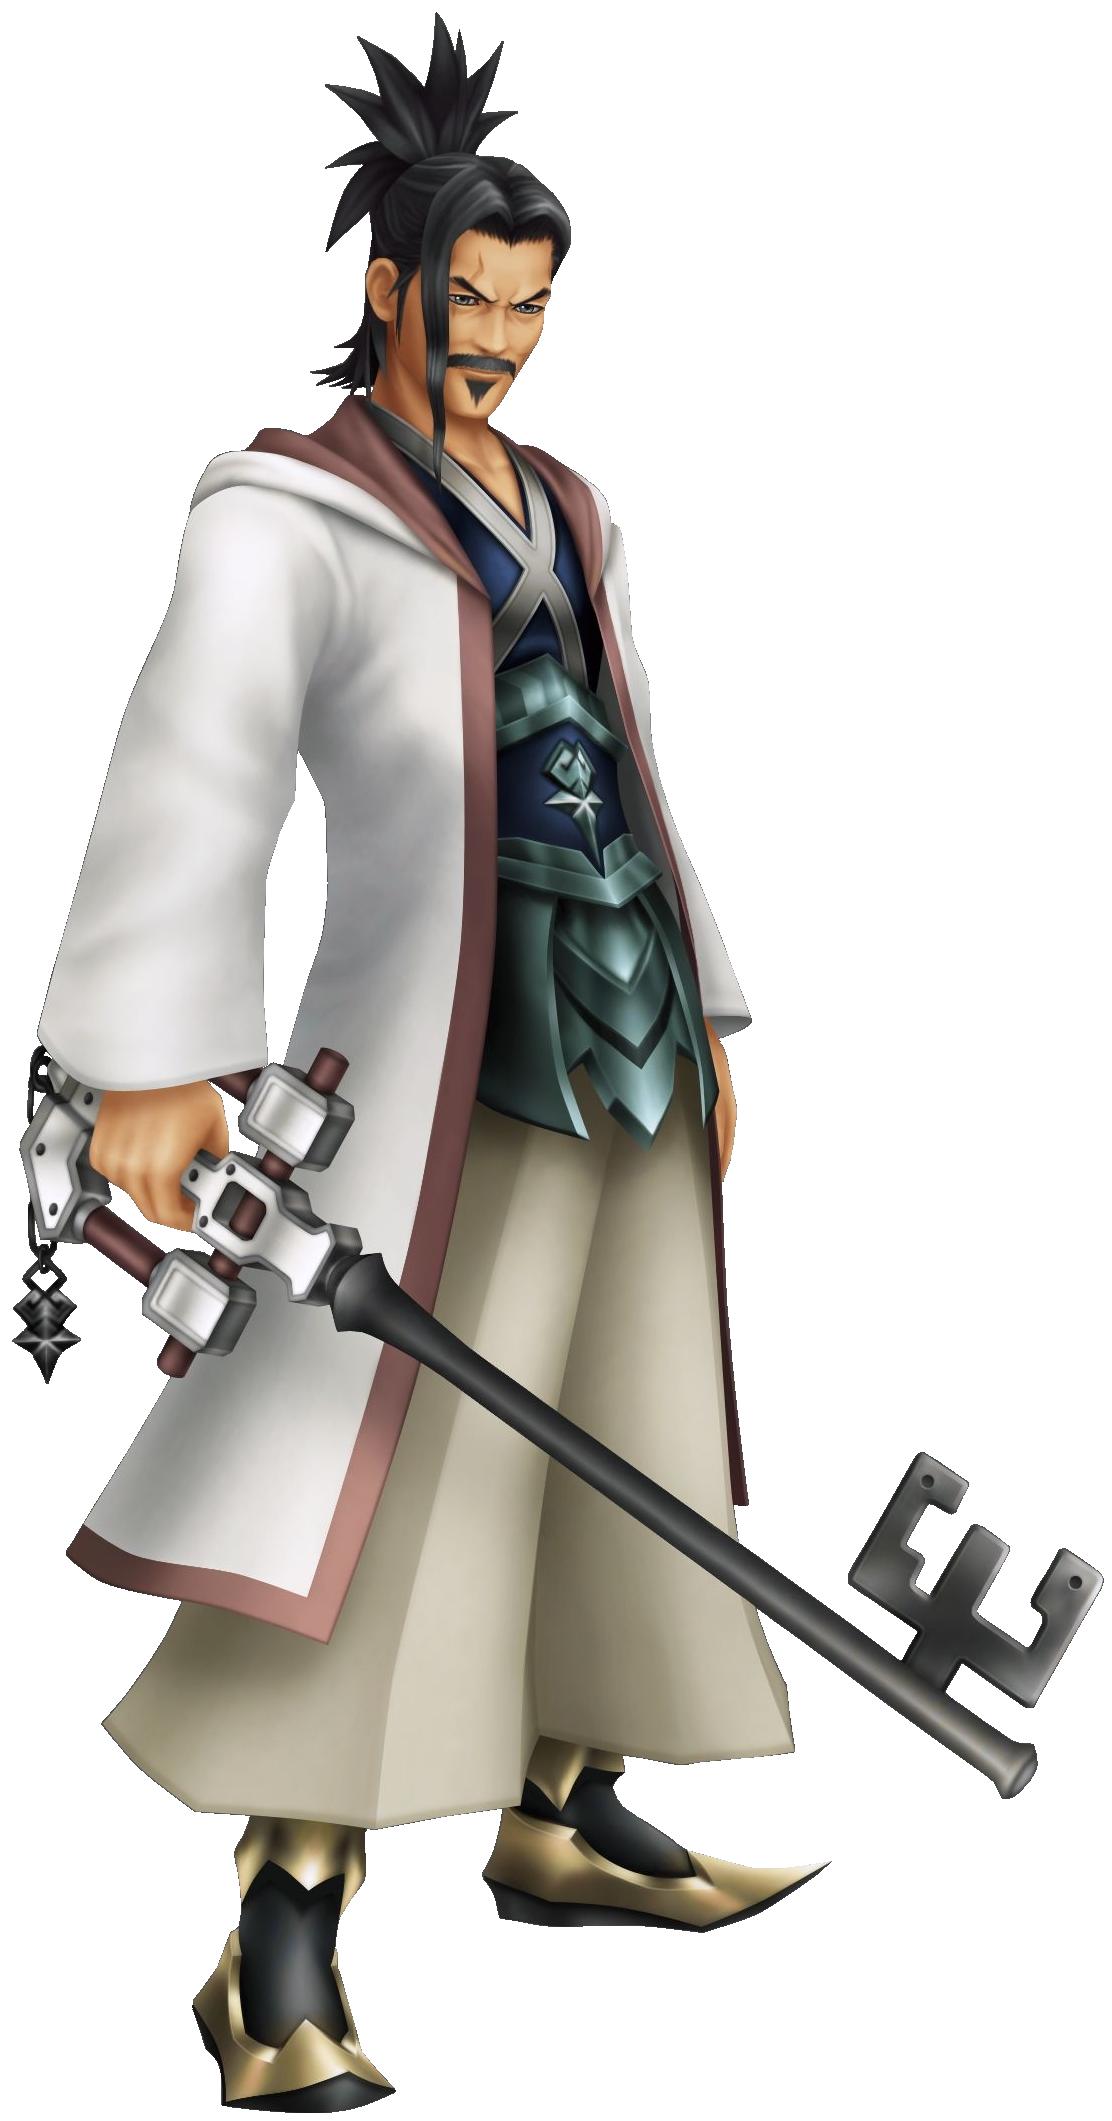 Riku Keyblade Master